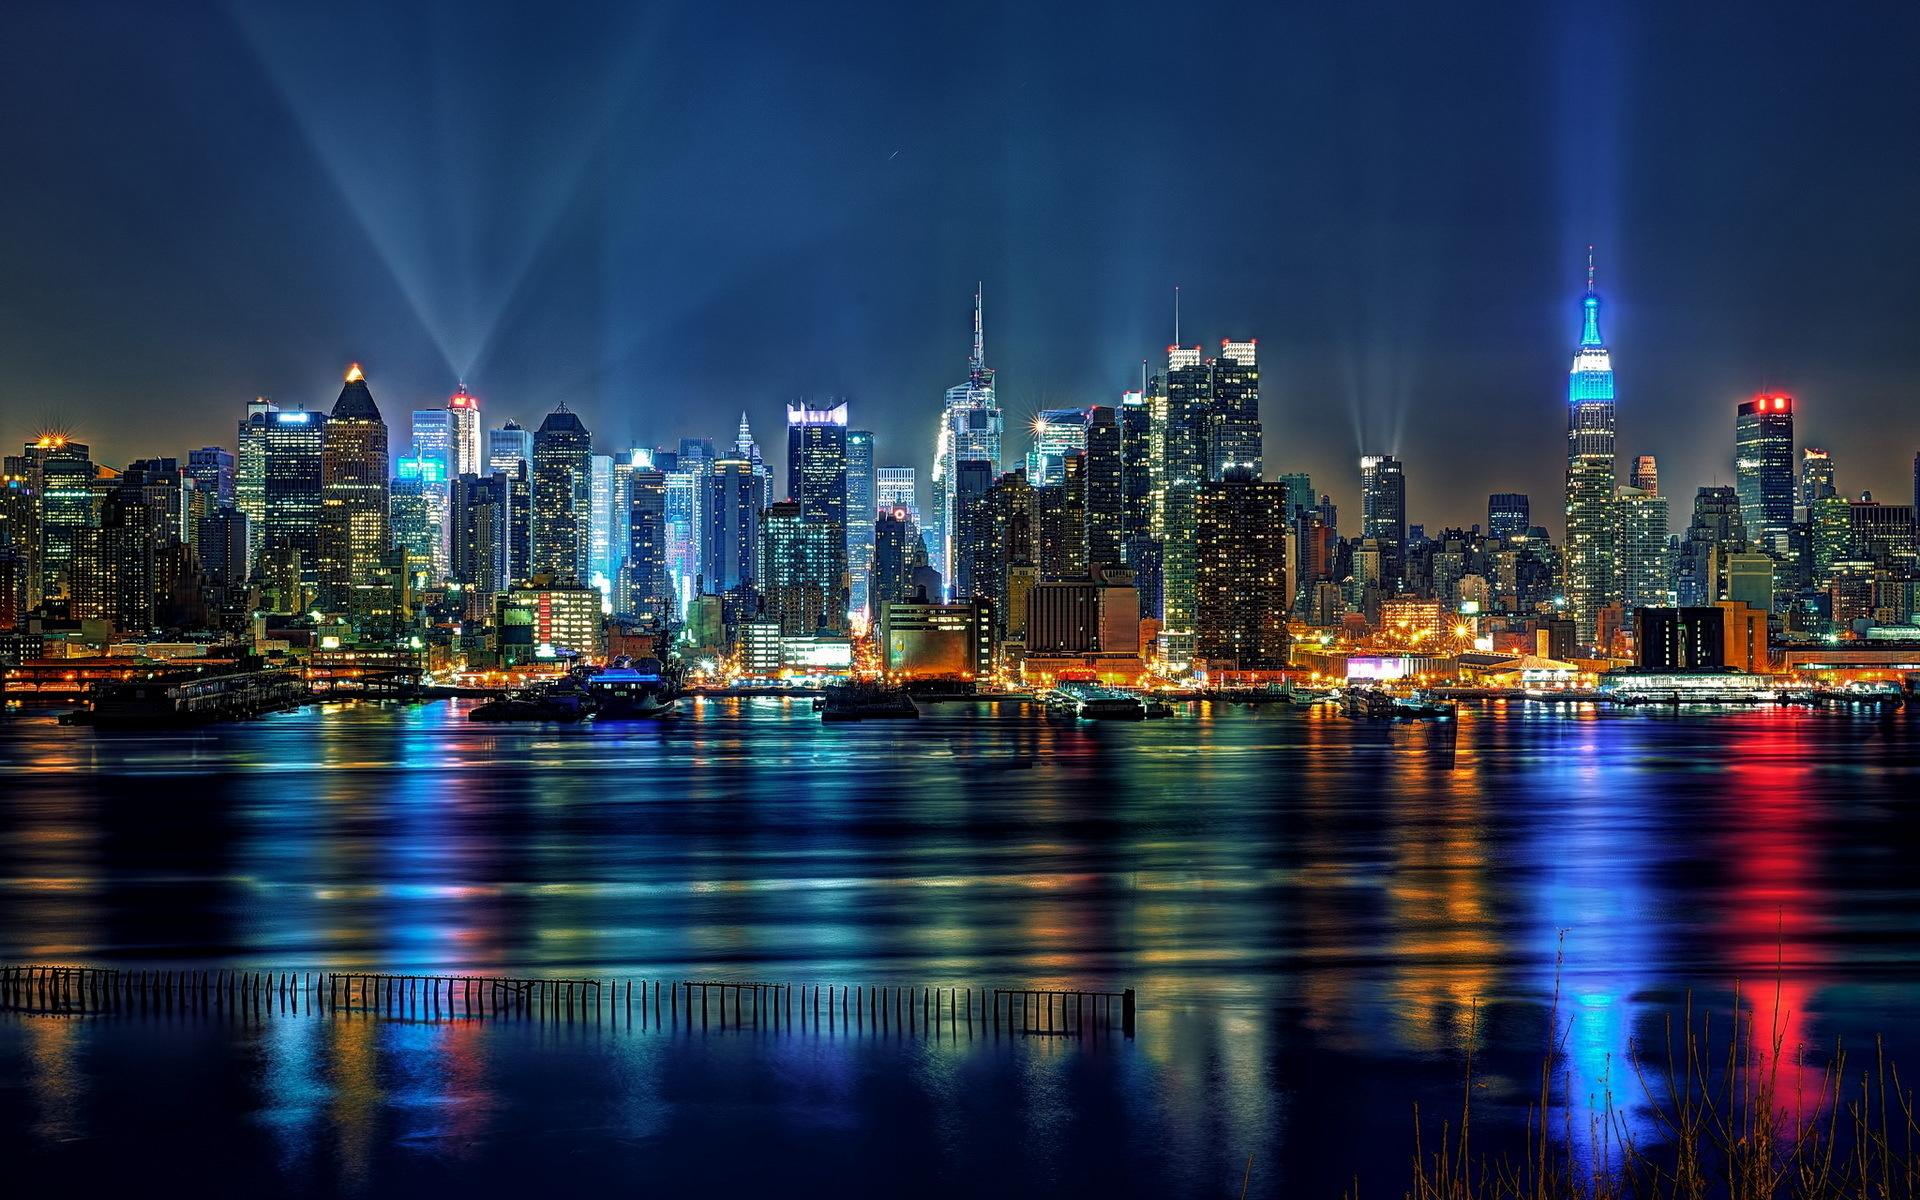 Fondos de pantalla de nueva york wallpapers new york hd for What to do nyc